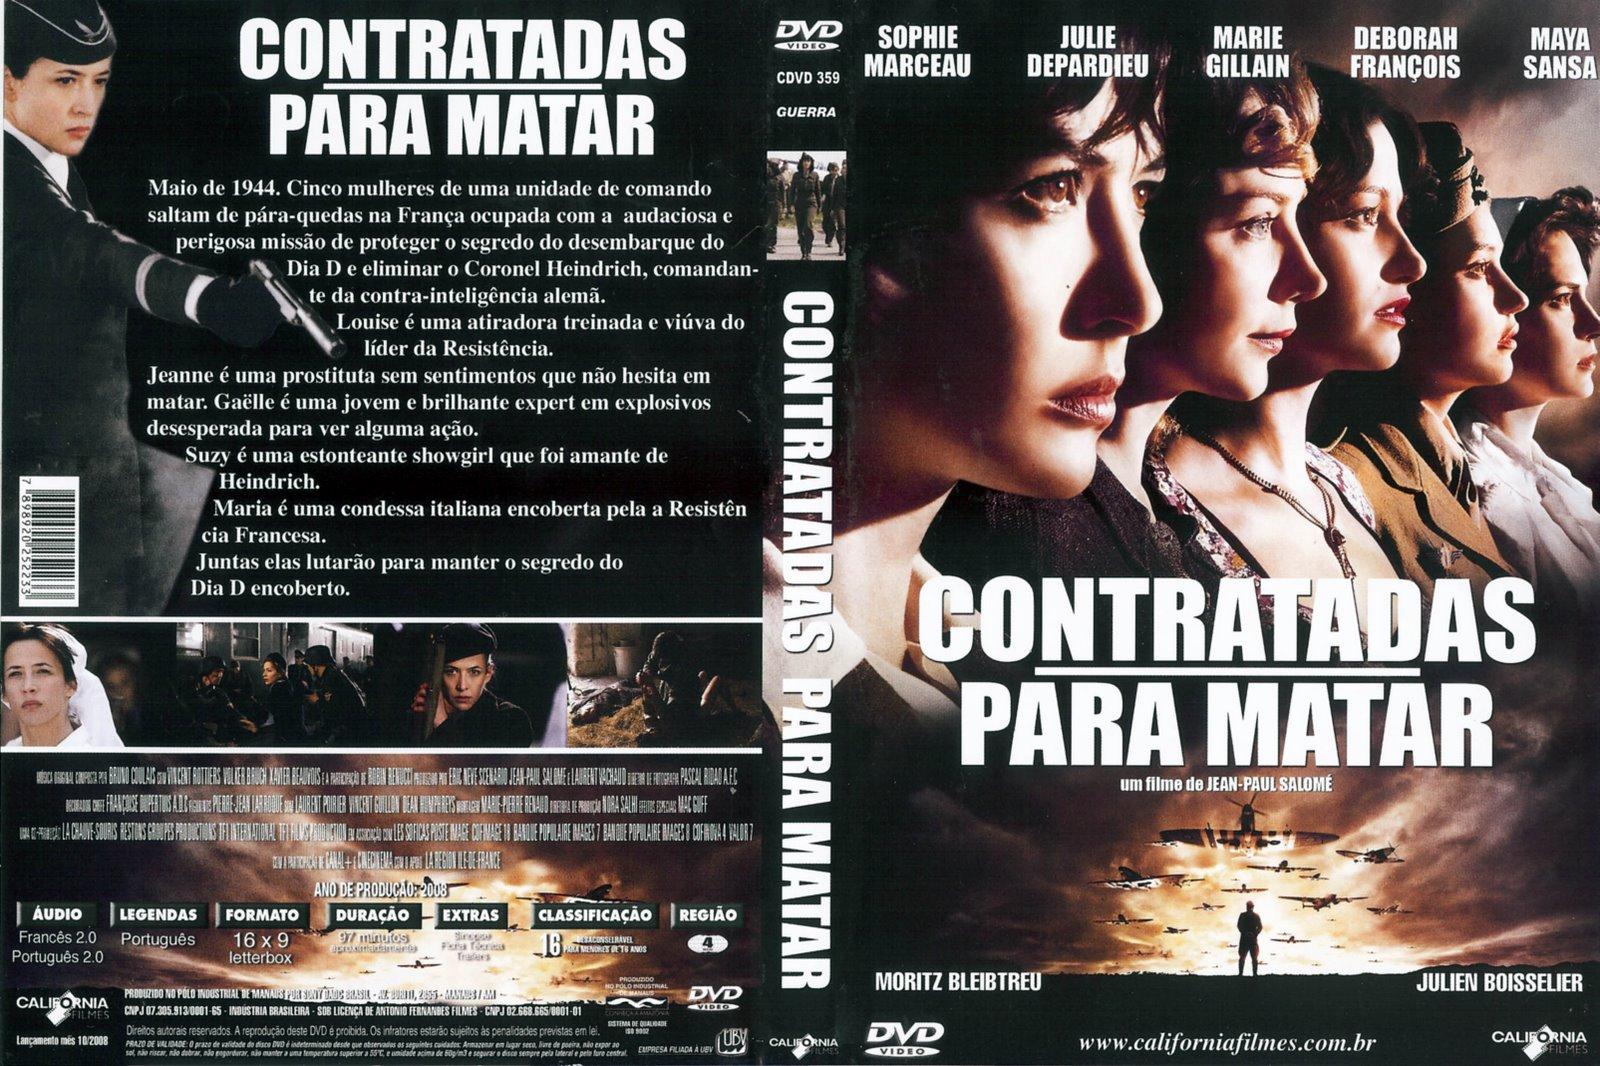 Poster do filme Contratadas para Matar